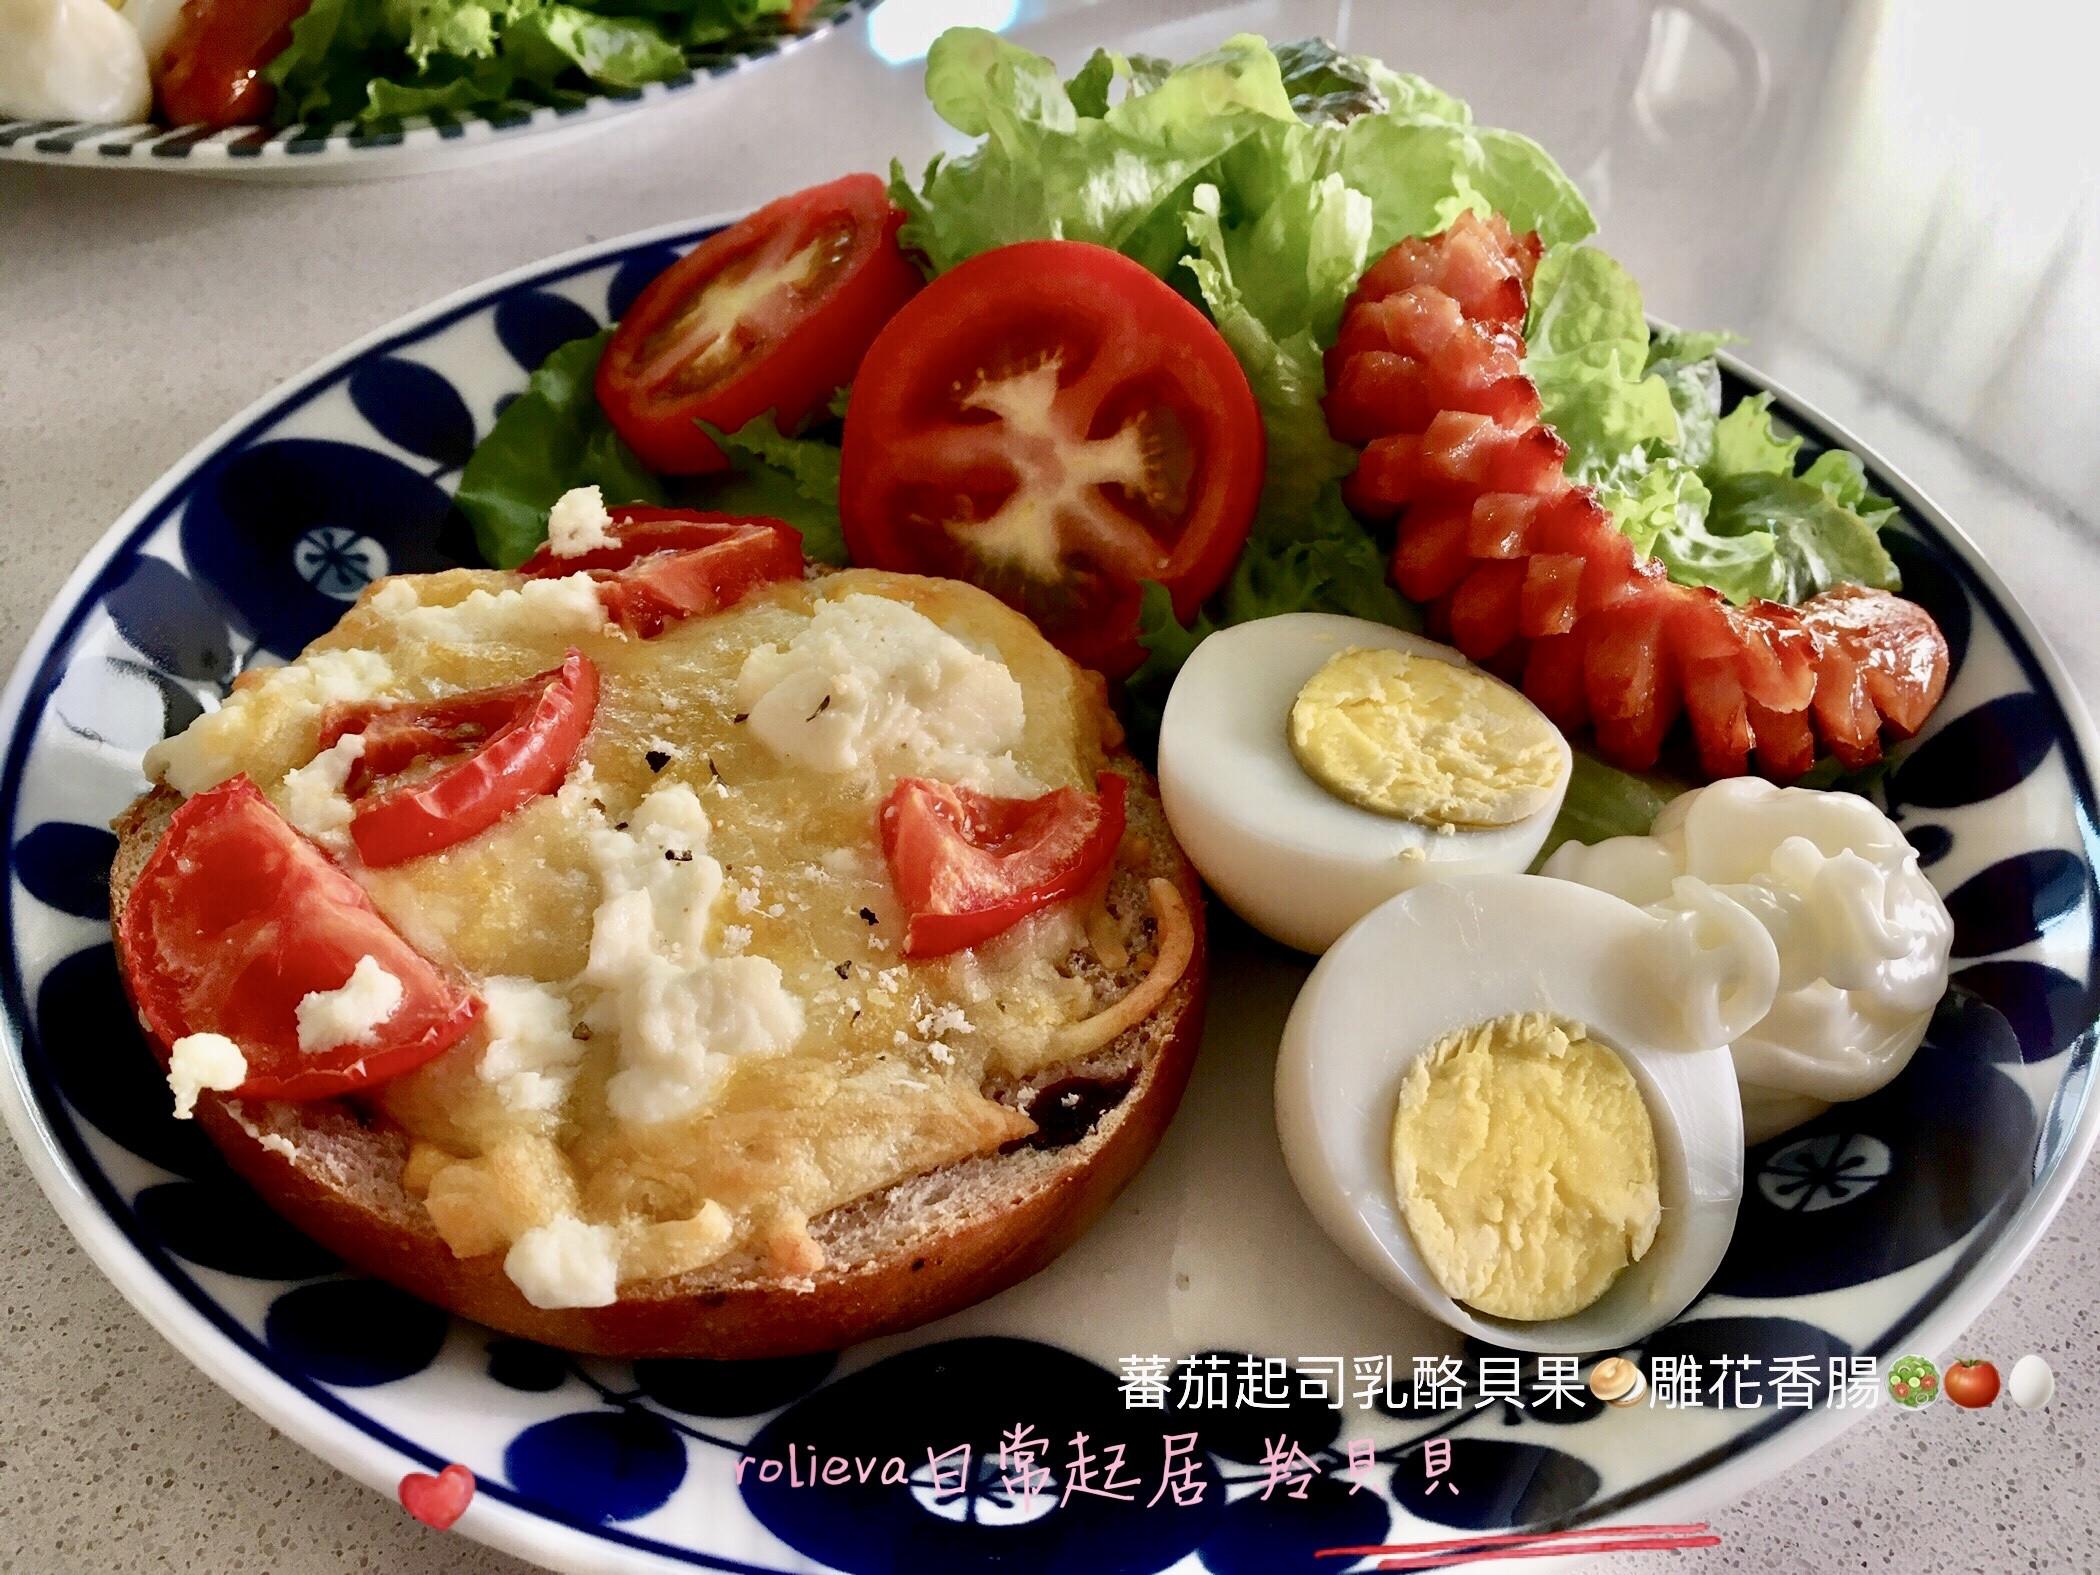 蕃茄起司乳酪貝果🥯雕花香腸🥗🍅🥚